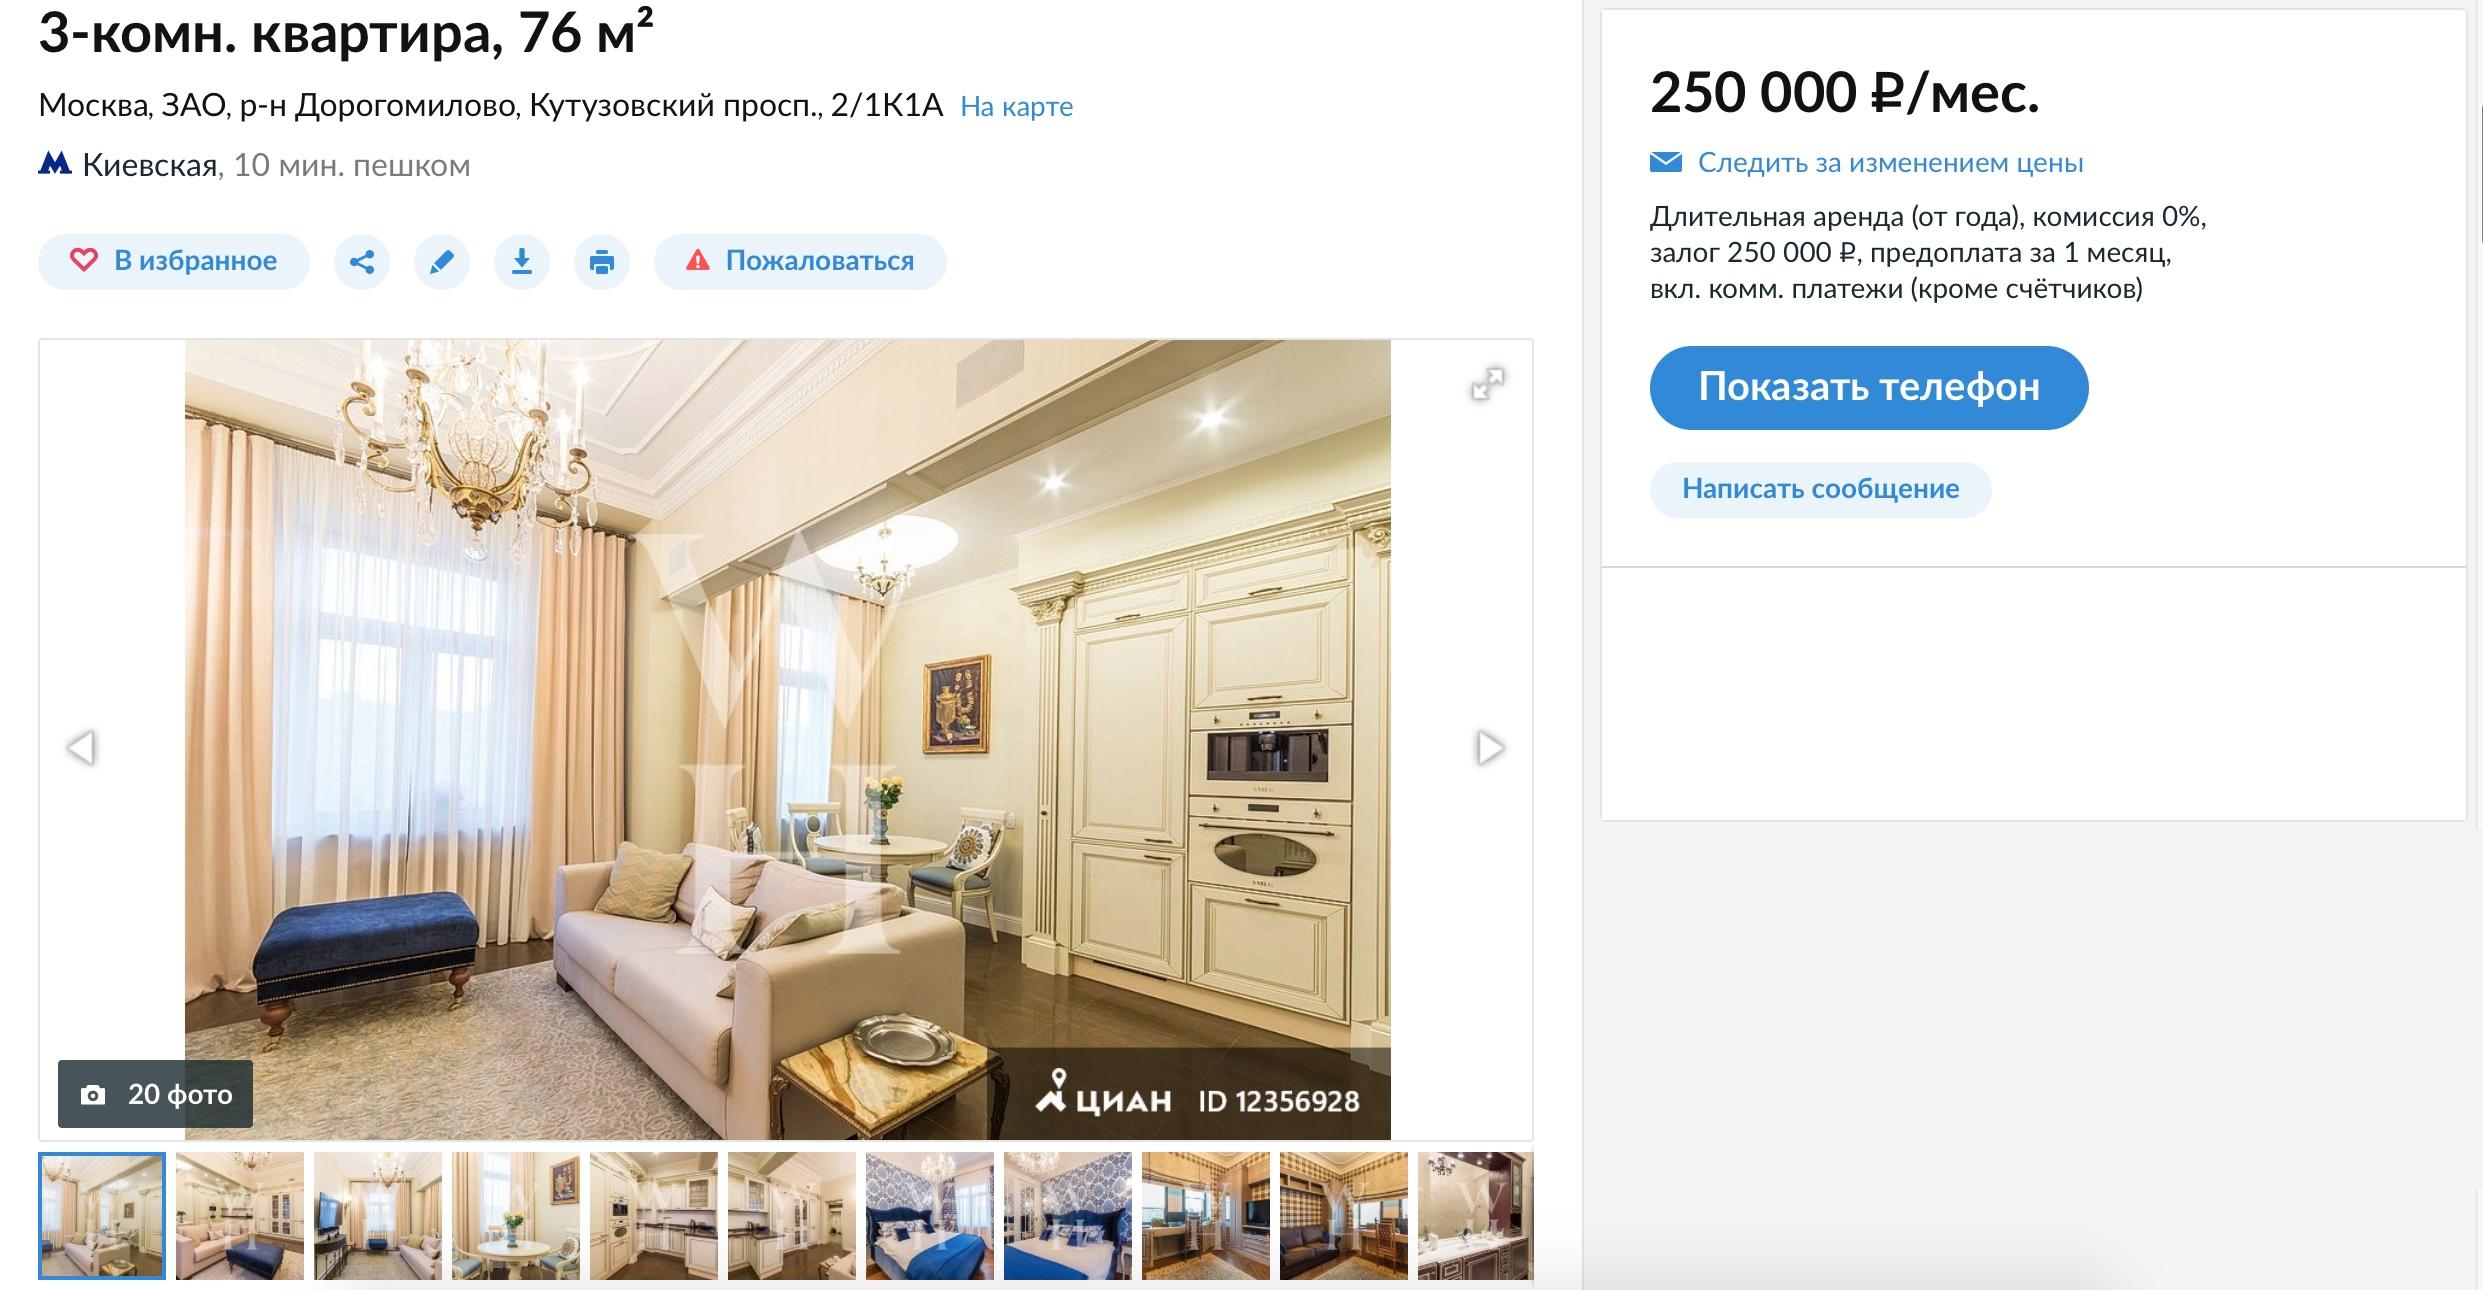 Как людям жить? тысяч, месяц, снять, Москве, только, можно, жильё, могут, сейчас, вариант, квартиру, клоповниках, долларов, приличное, конечно, сколько, платить, состоянии, рублей, отдавать